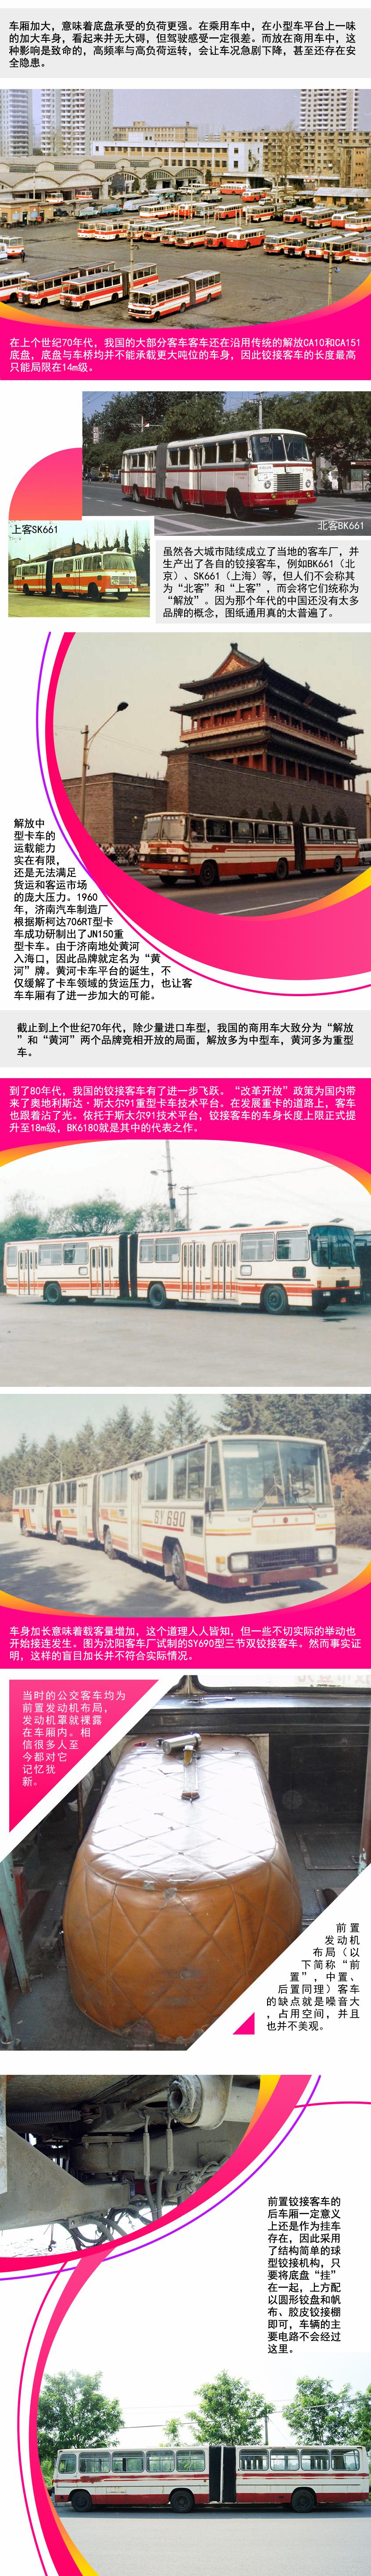 新中国成立70周年 看铰接公交车的历史